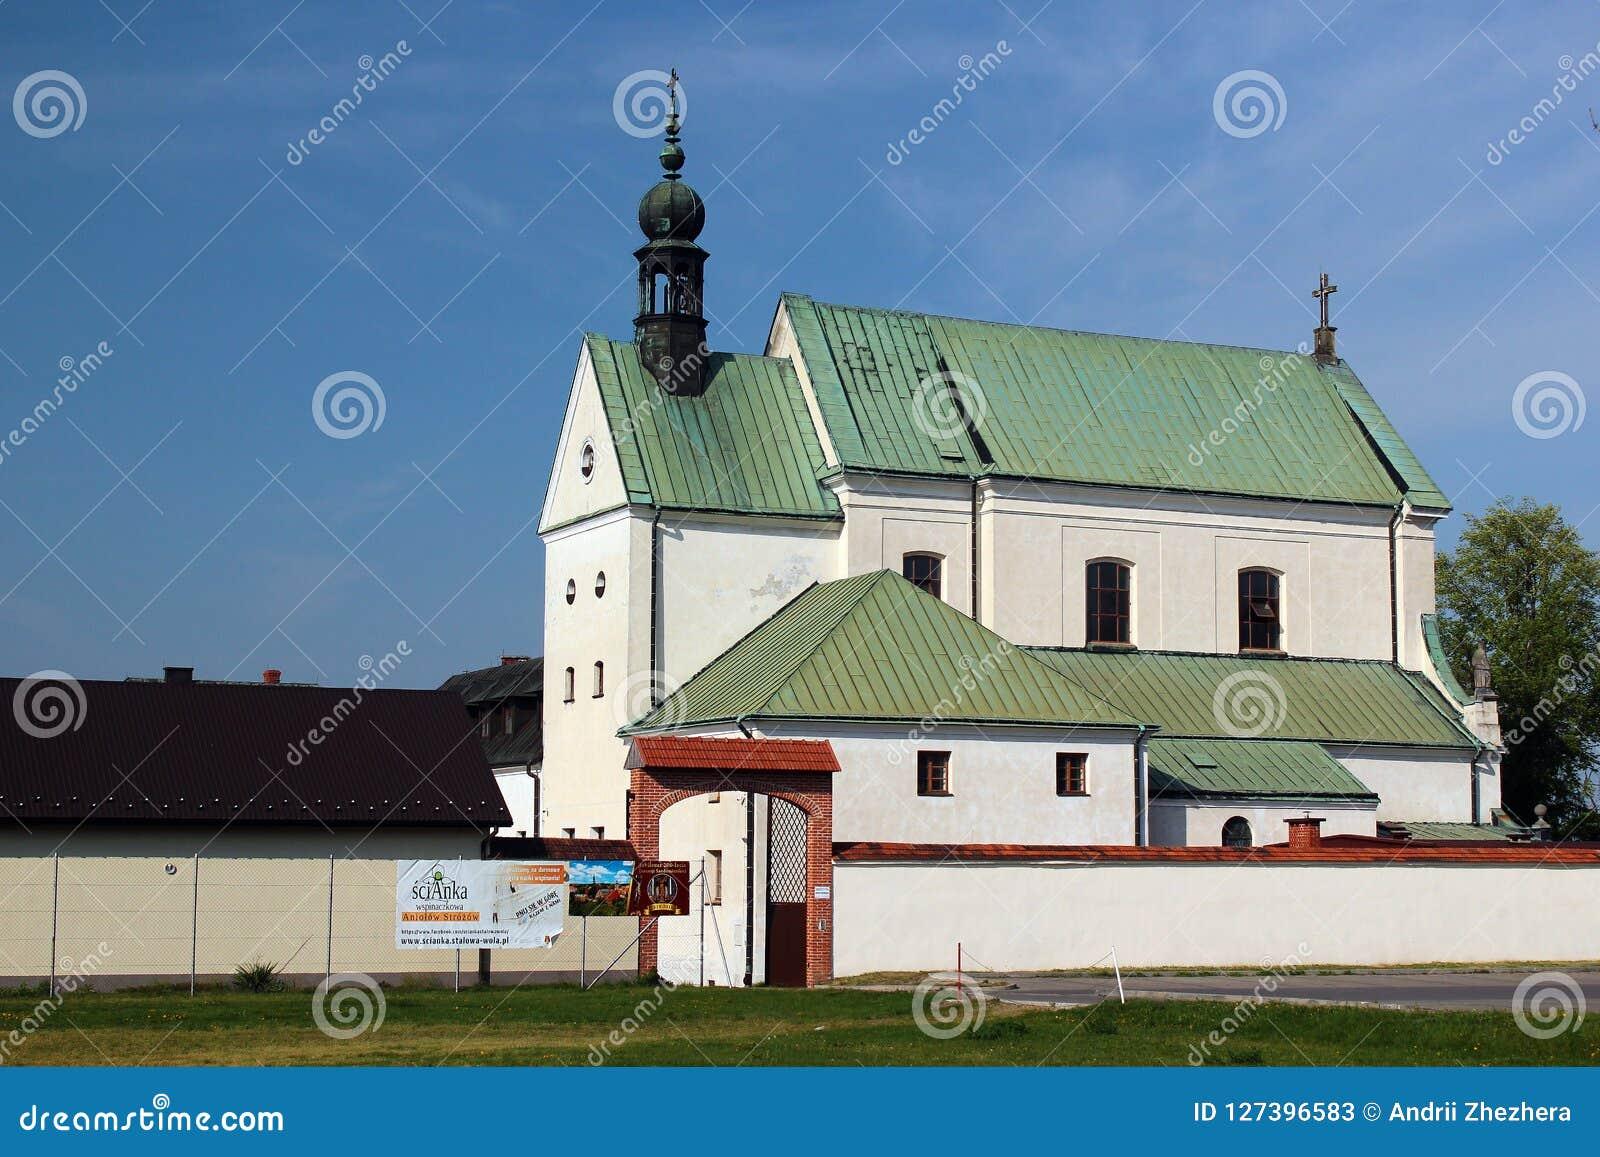 The monastery in Stalowa Wola, Poland